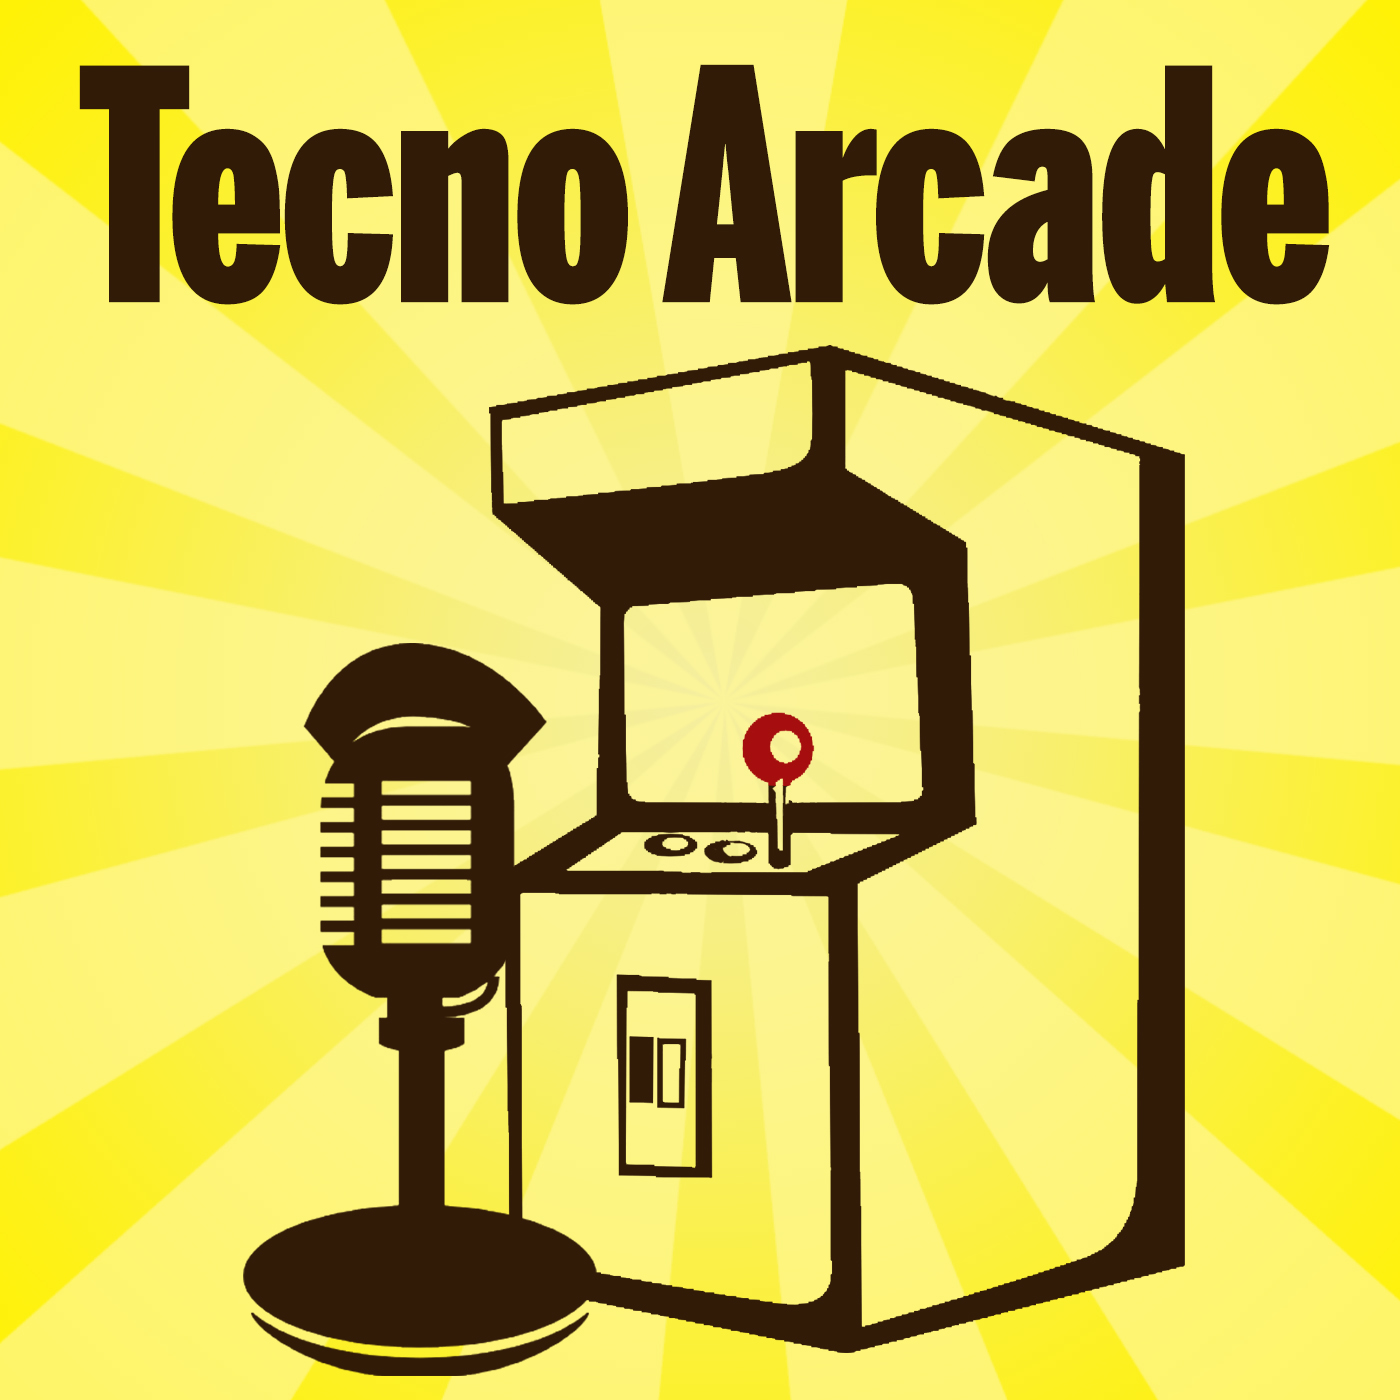 Tecno Arcade